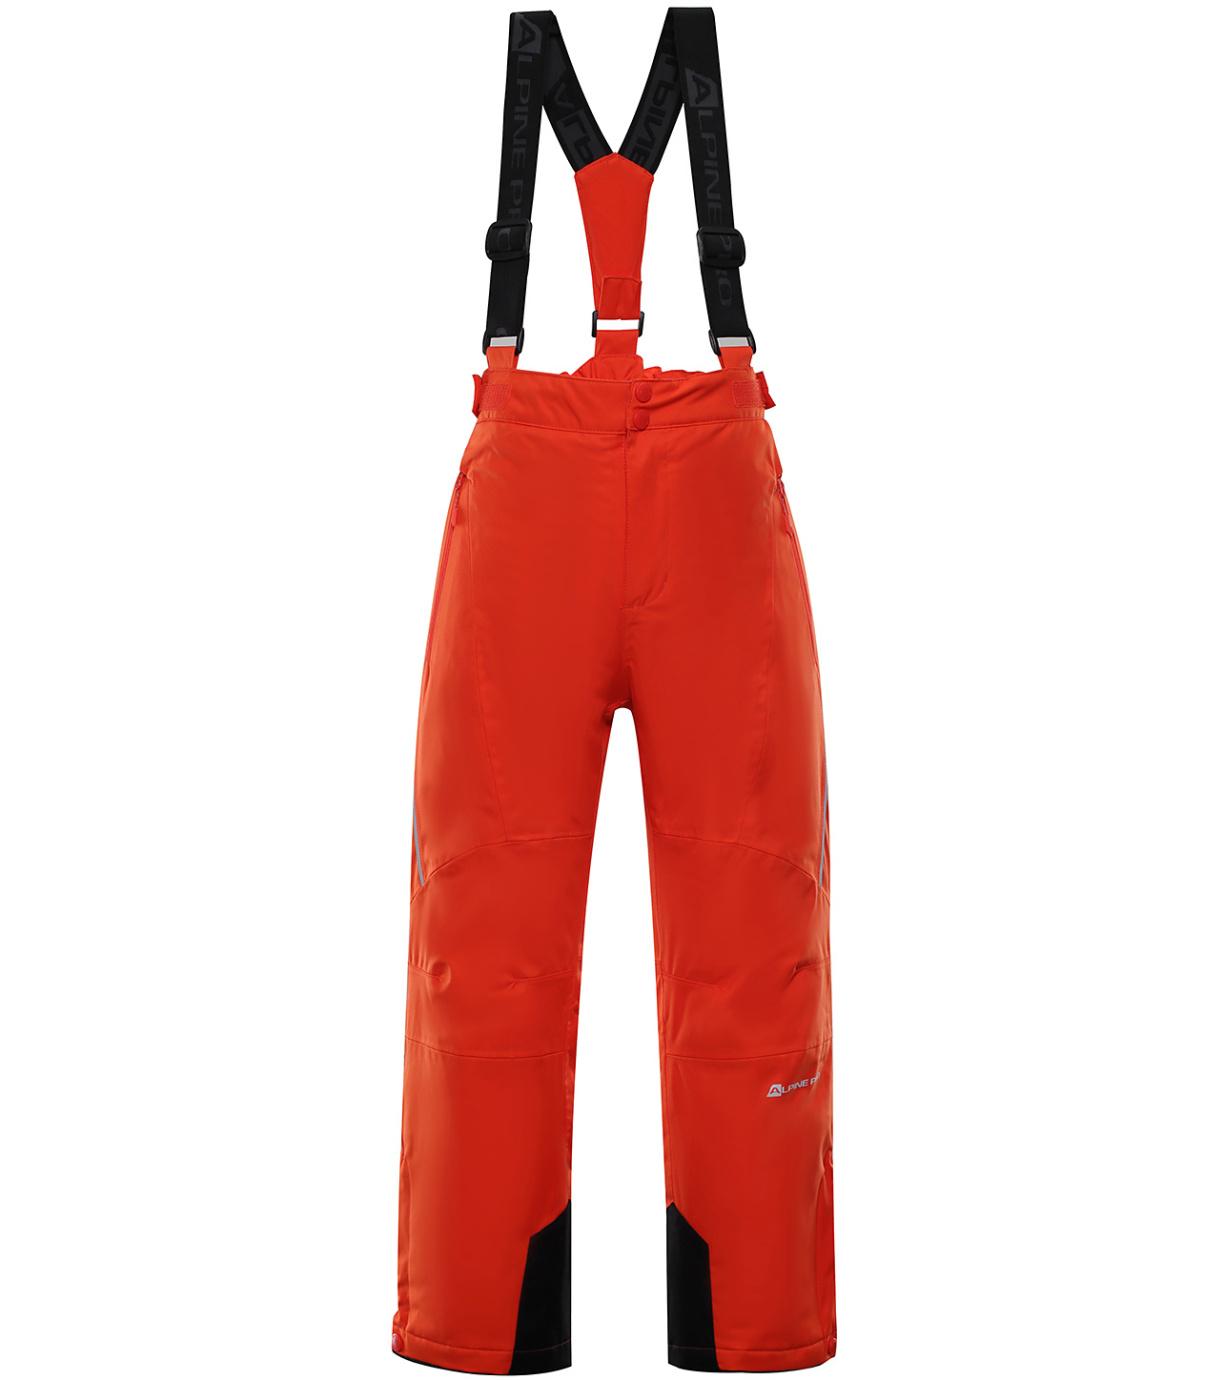 ALPINE PRO ANIKO 3 Dětské lyžařské kalhoty KPAP168344 cherry tomato 128-134